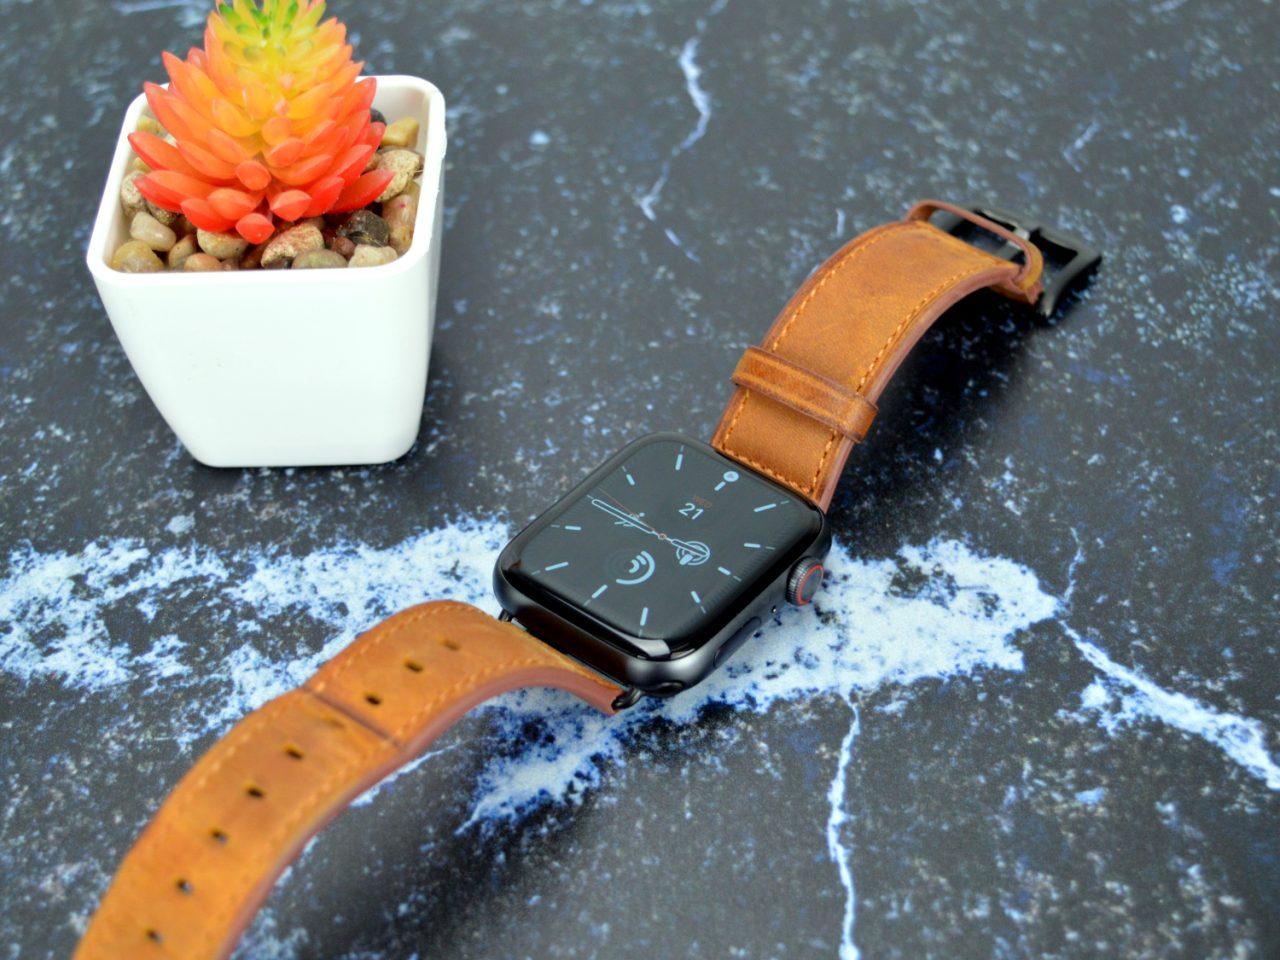 Apple Watch Series 8 Rumors